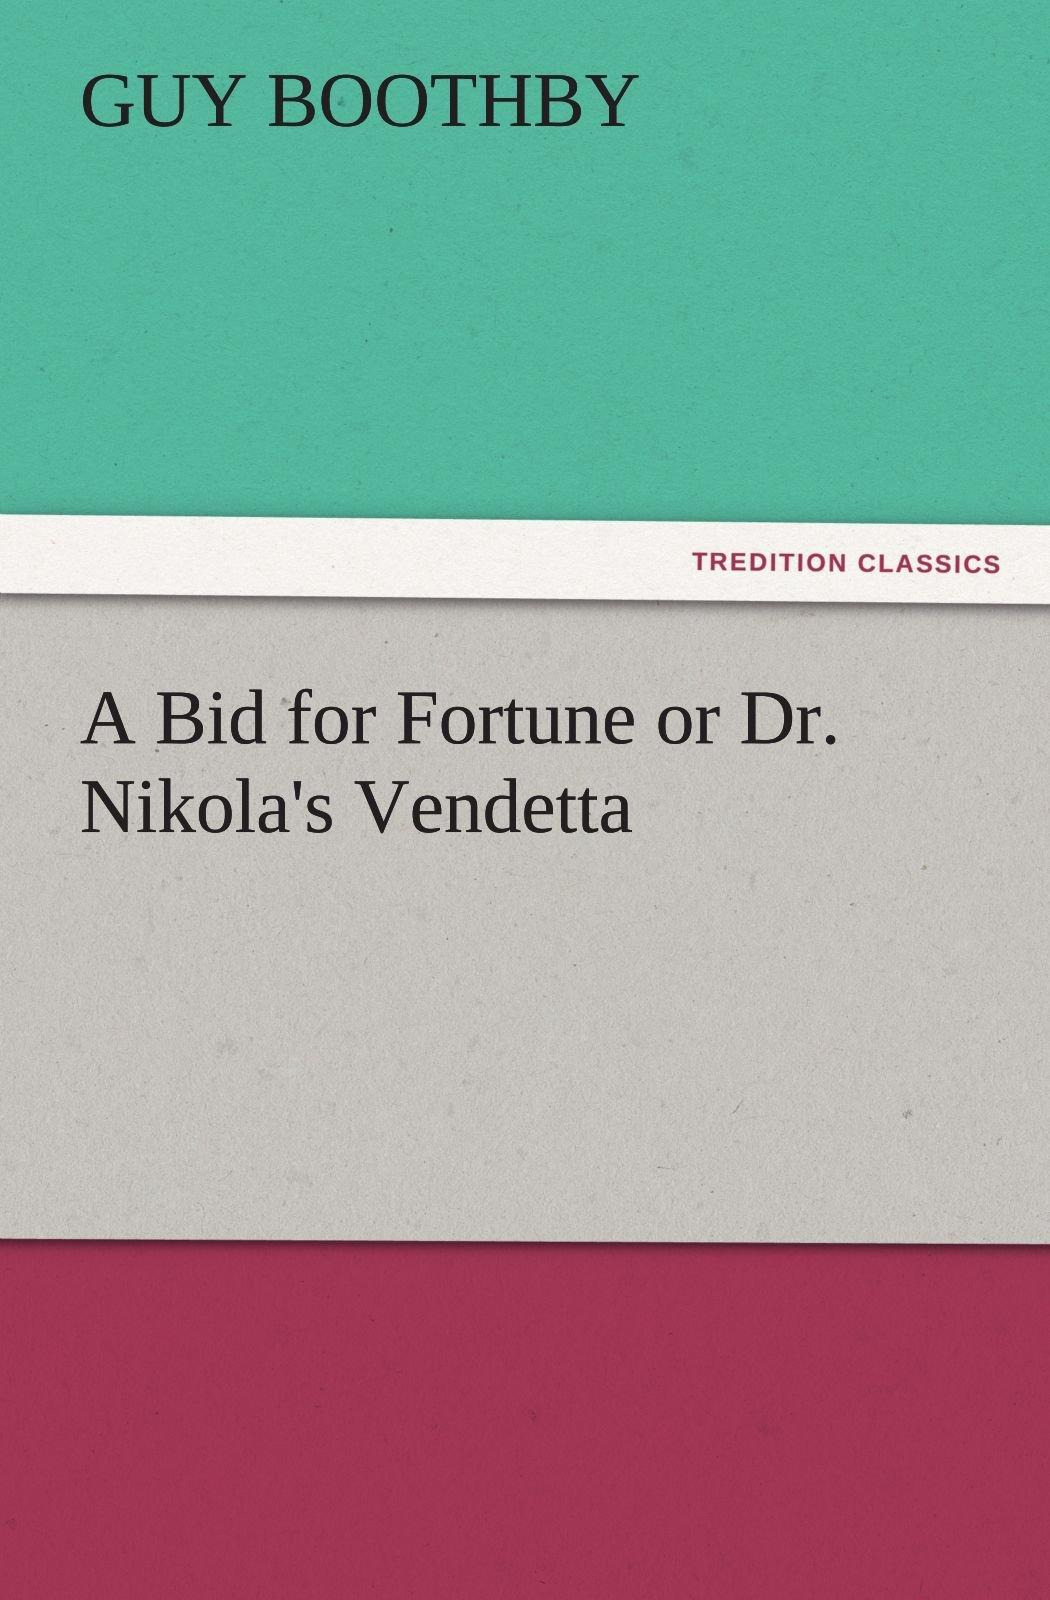 Download A Bid for Fortune or Dr. Nikola's Vendetta (TREDITION CLASSICS) ebook